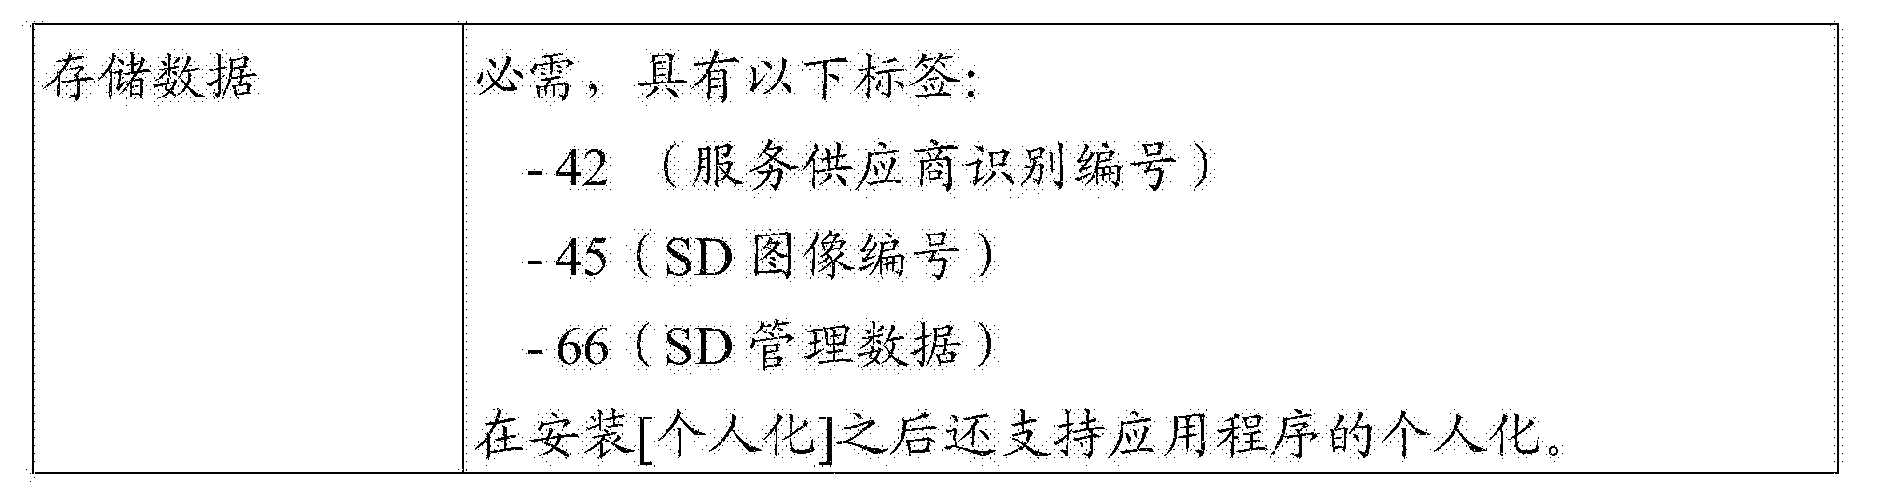 Figure CN104395909BD00291